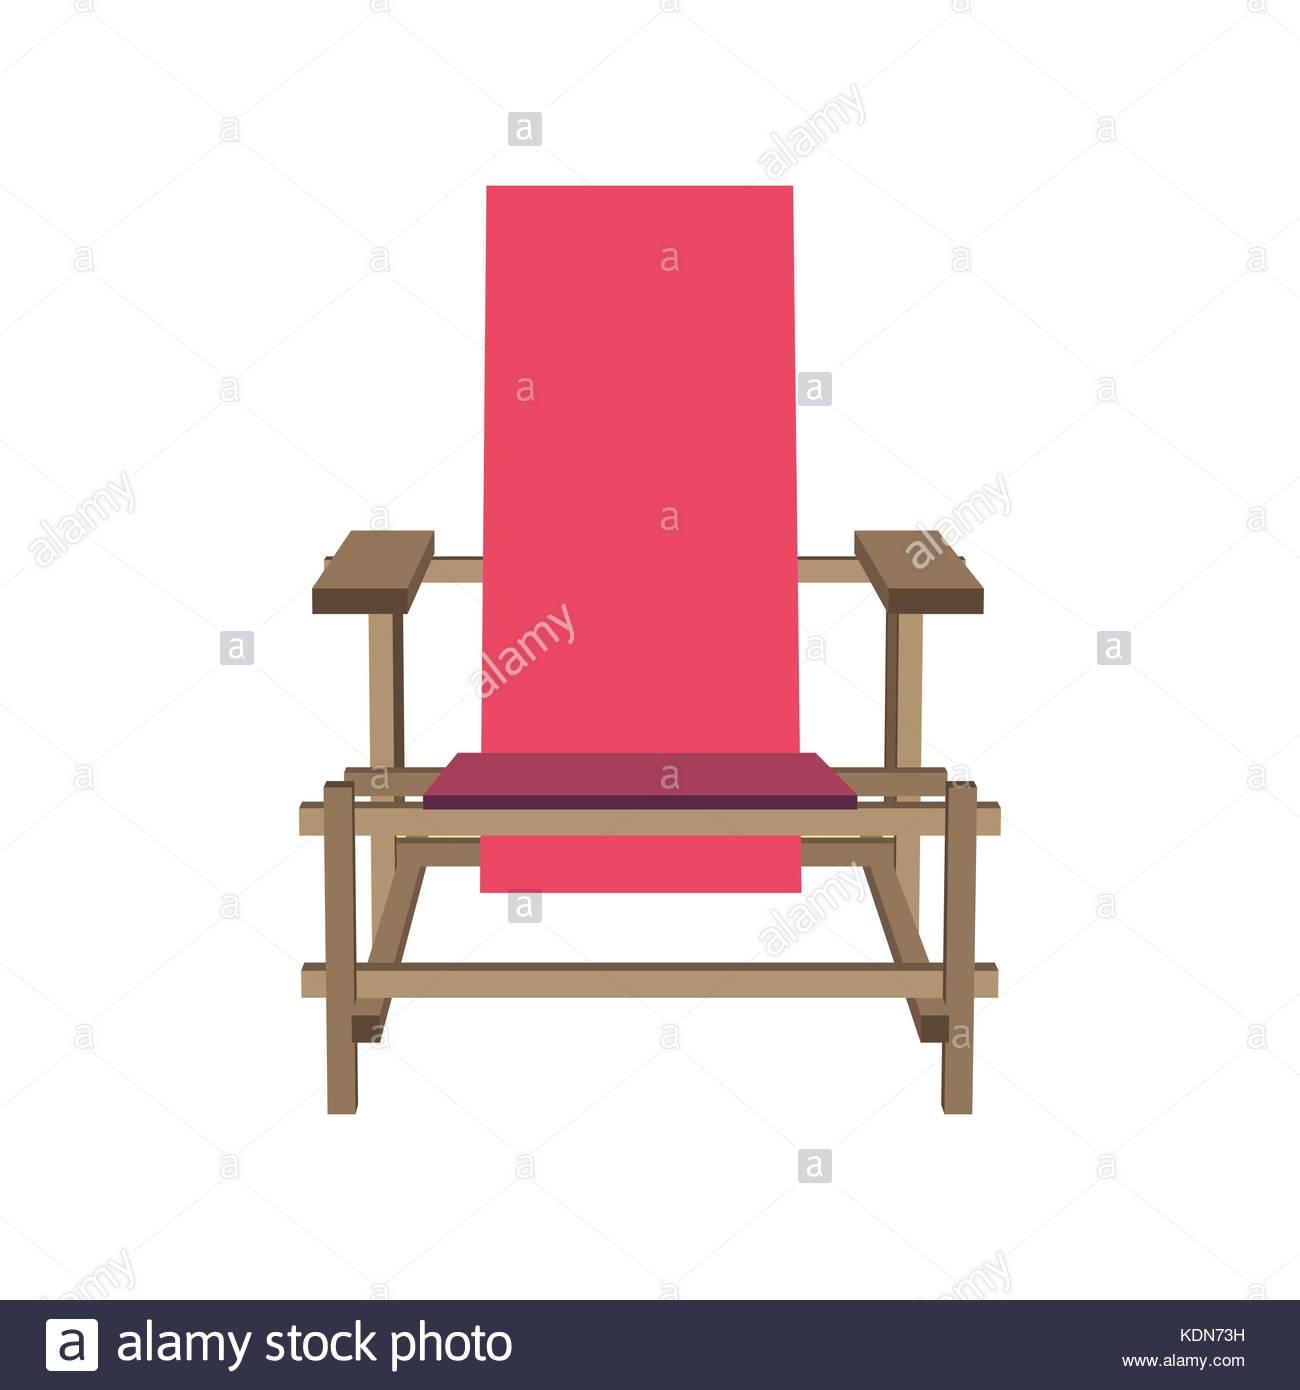 Muebles Silla Rosa Ilustraci N Vectorial De Dibujos Animados De  # Muebles Dibujos Animados